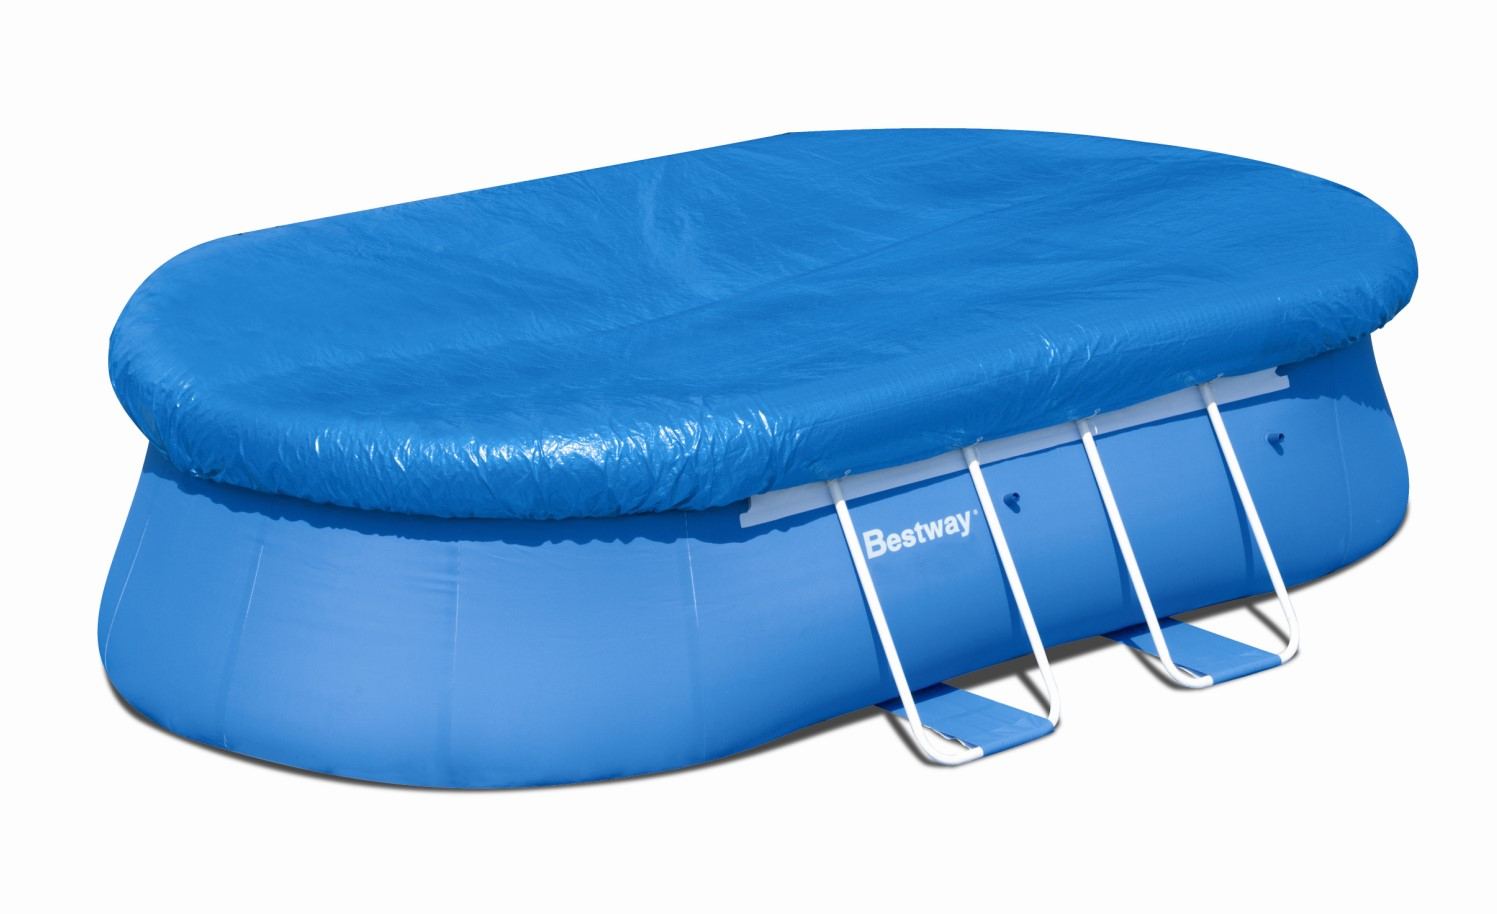 Bestway pool oval preisvergleich die besten angebote for Preisvergleich pool